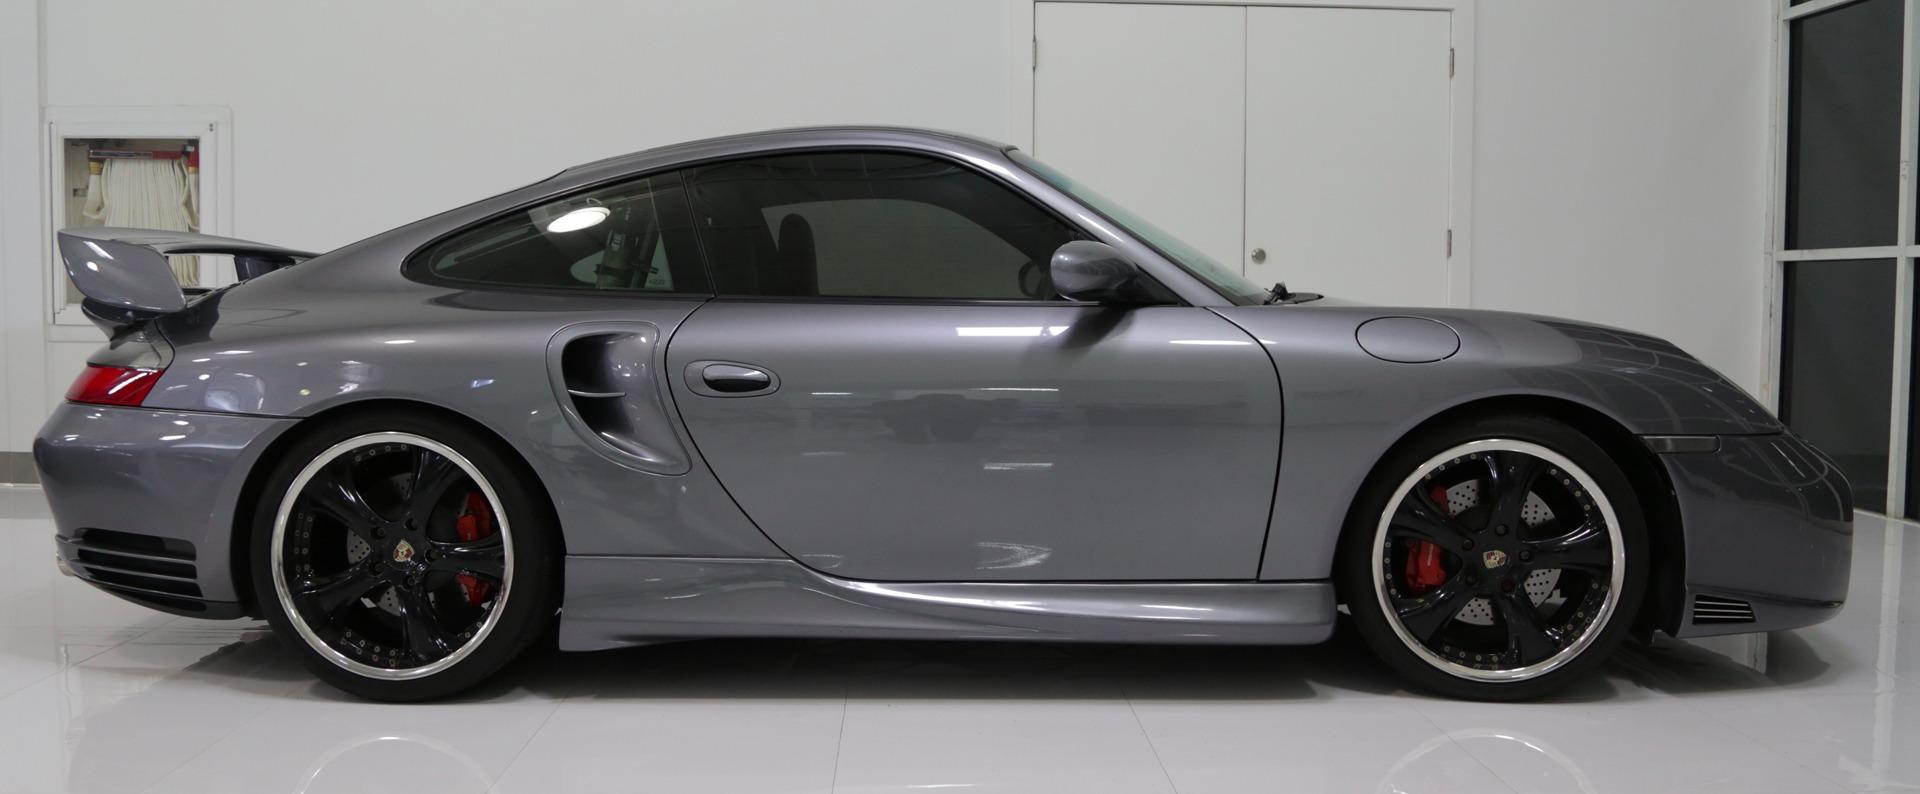 Used 2001 Porsche 911 Turbo | Miami, FL